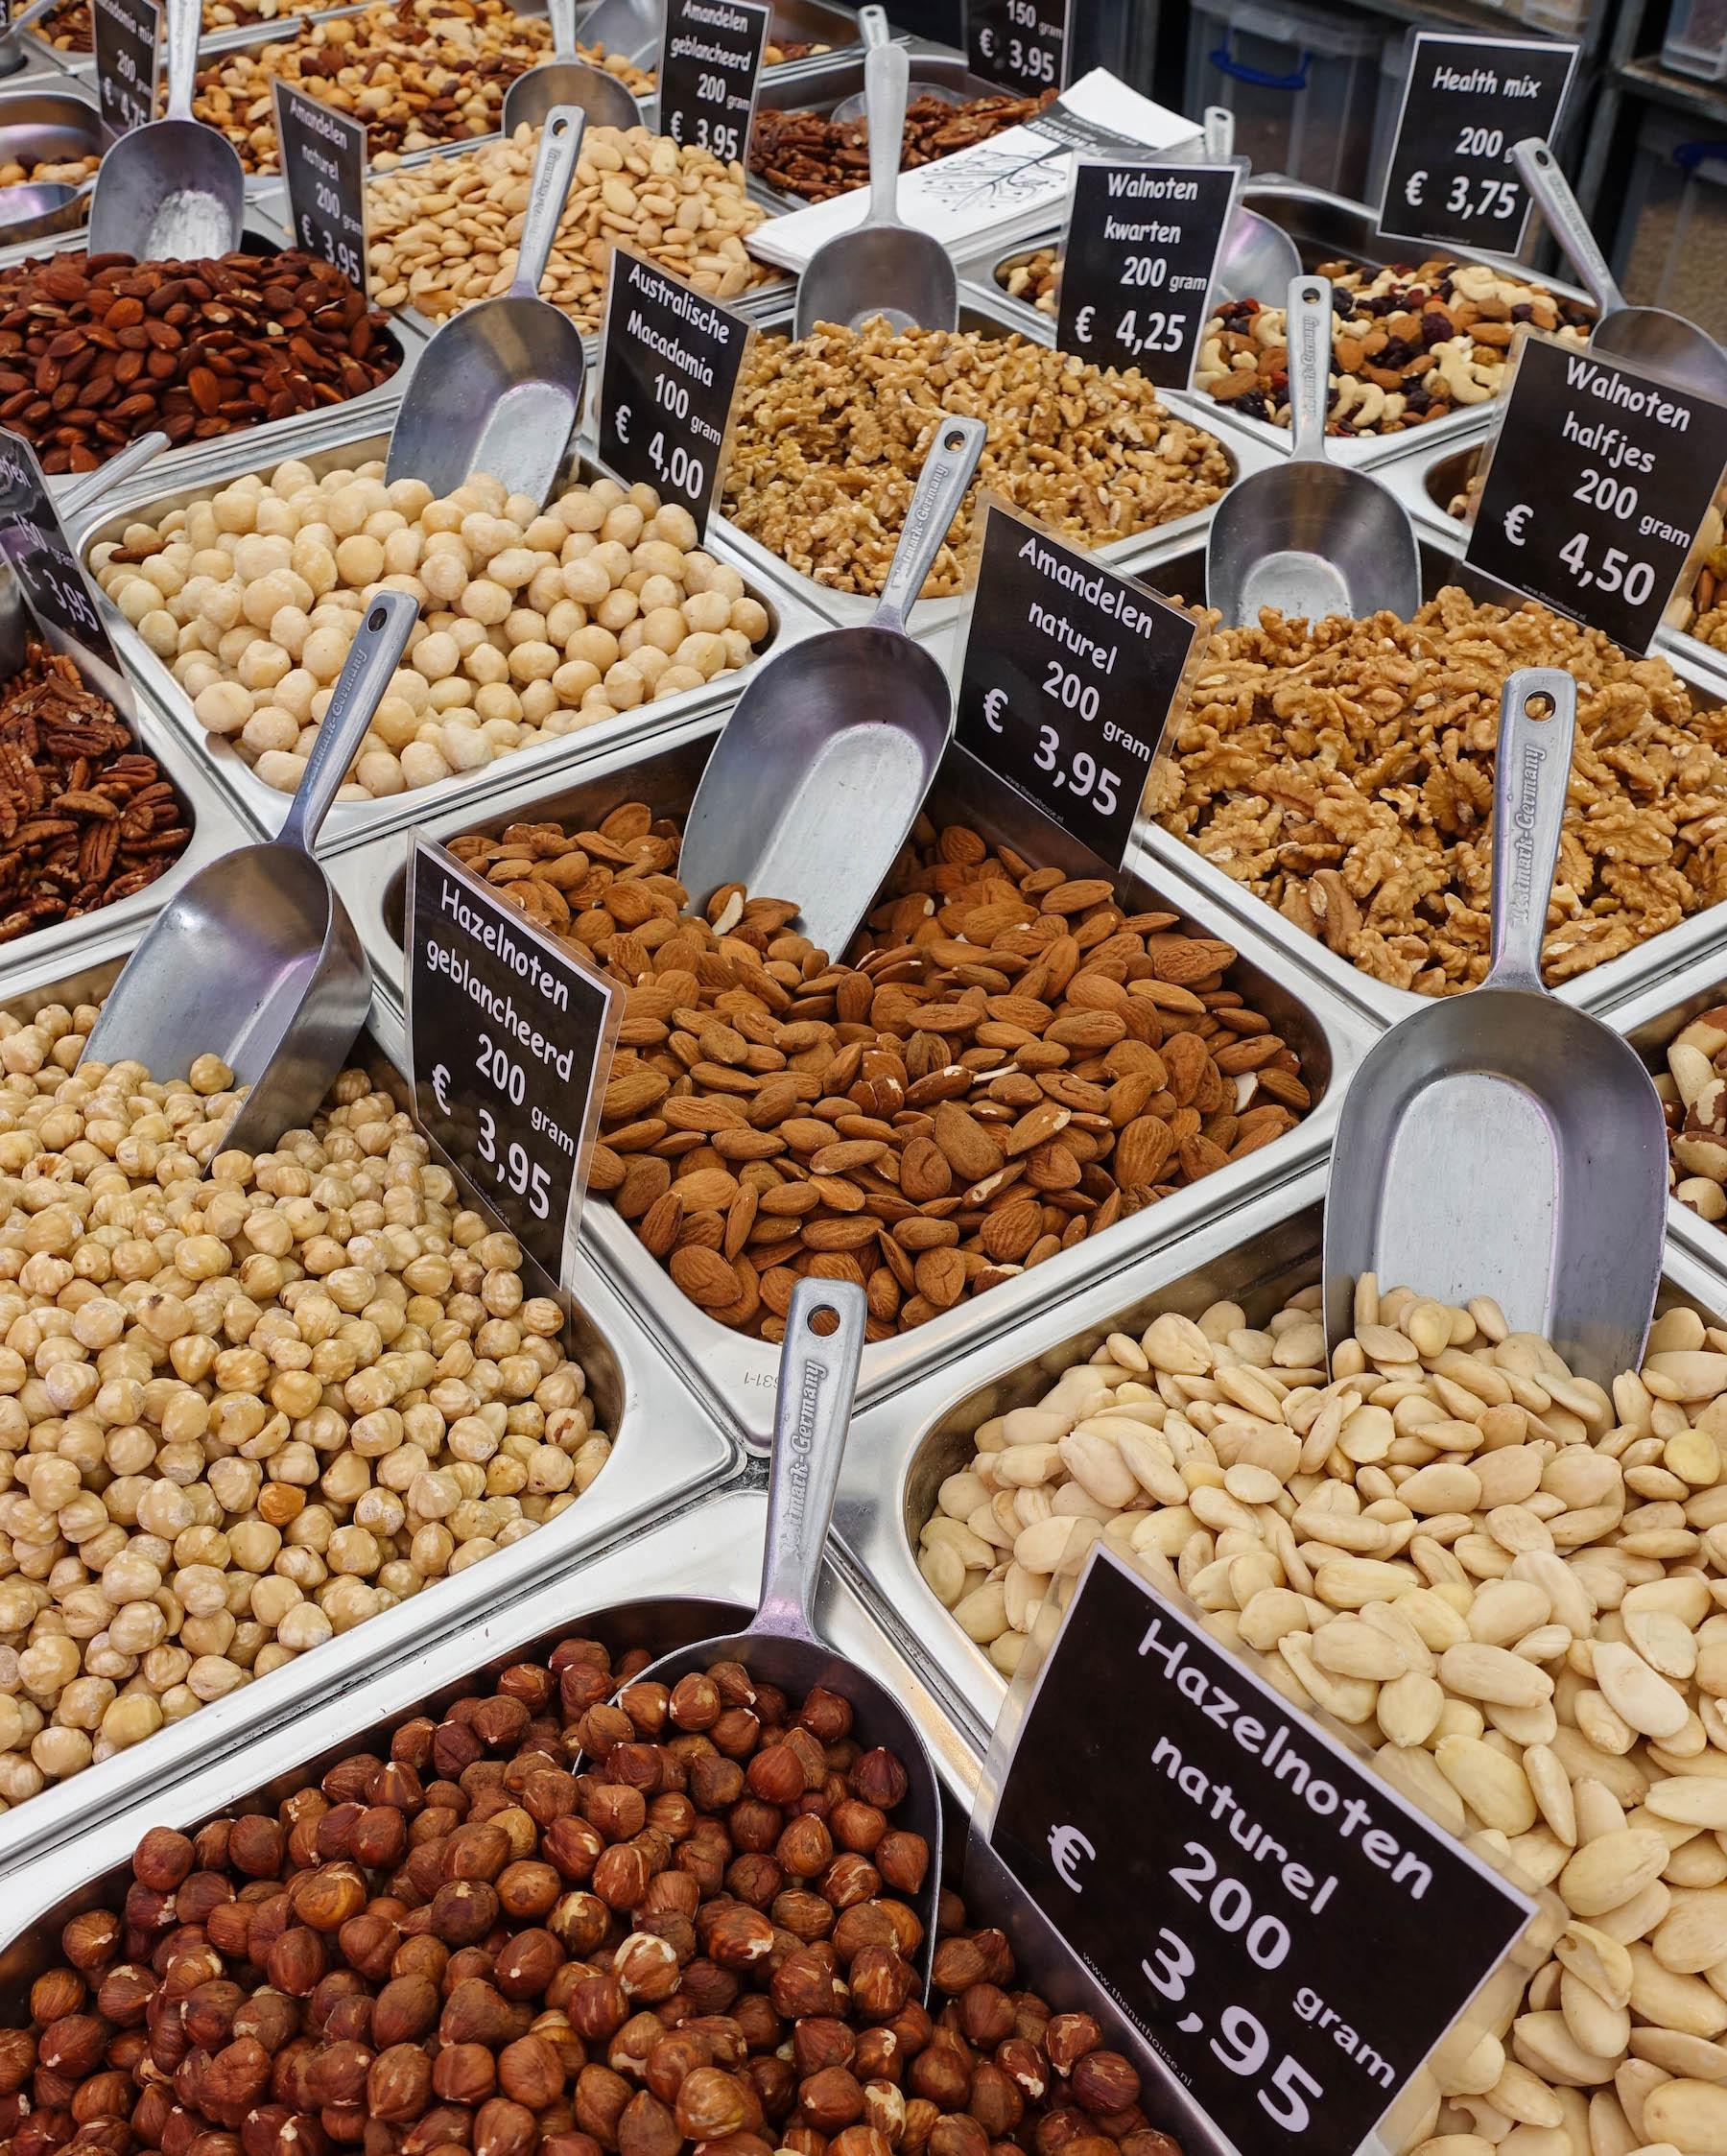 suelovesnyc_susan_fengler_amsterdam_glutenfrei_essen_nuthouse_zuidermarkt_amsterdam